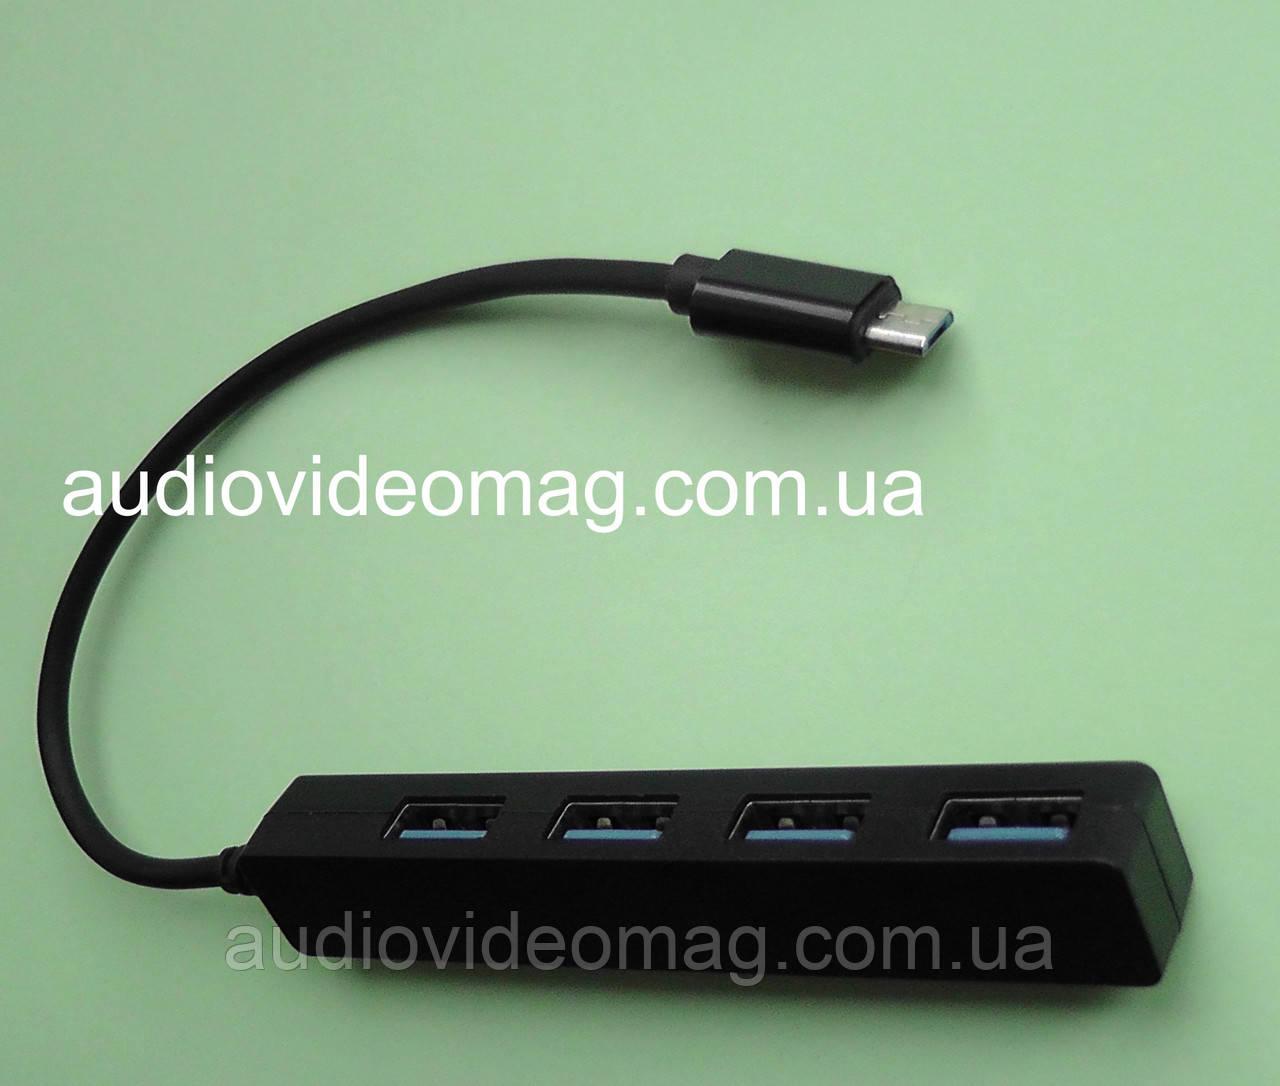 Компактний micro USB Hub (хаб) 4 в 1